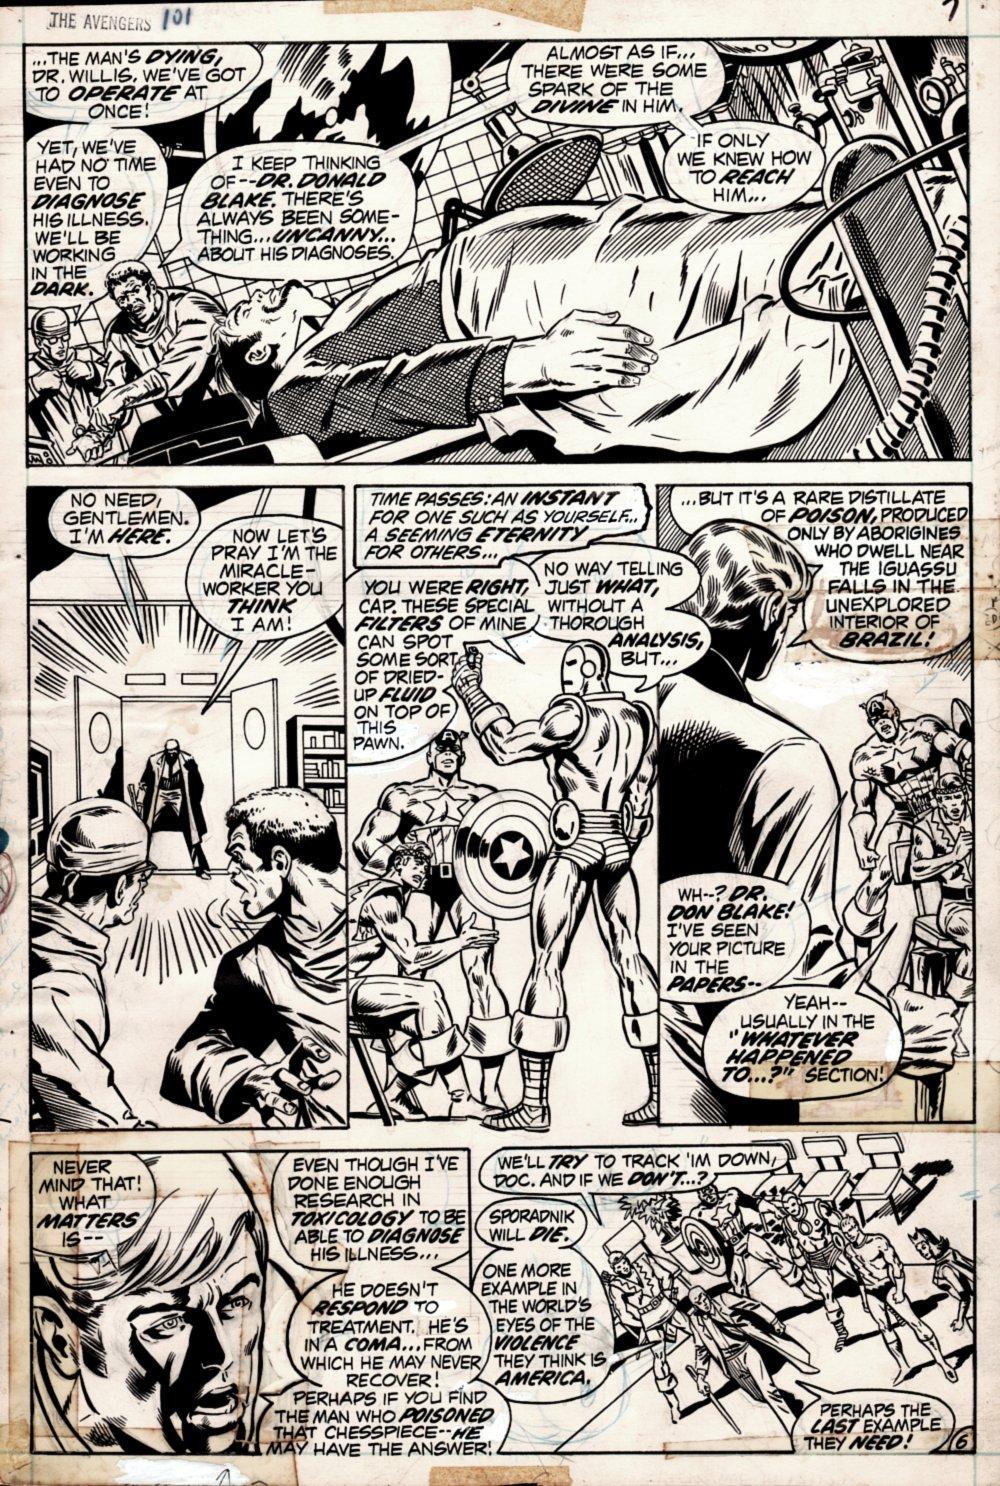 Avengers #101 p 6 (VERY FIRST RICH BUCKLER AVENGERS ART! ENTIRE TEAM!) 1972